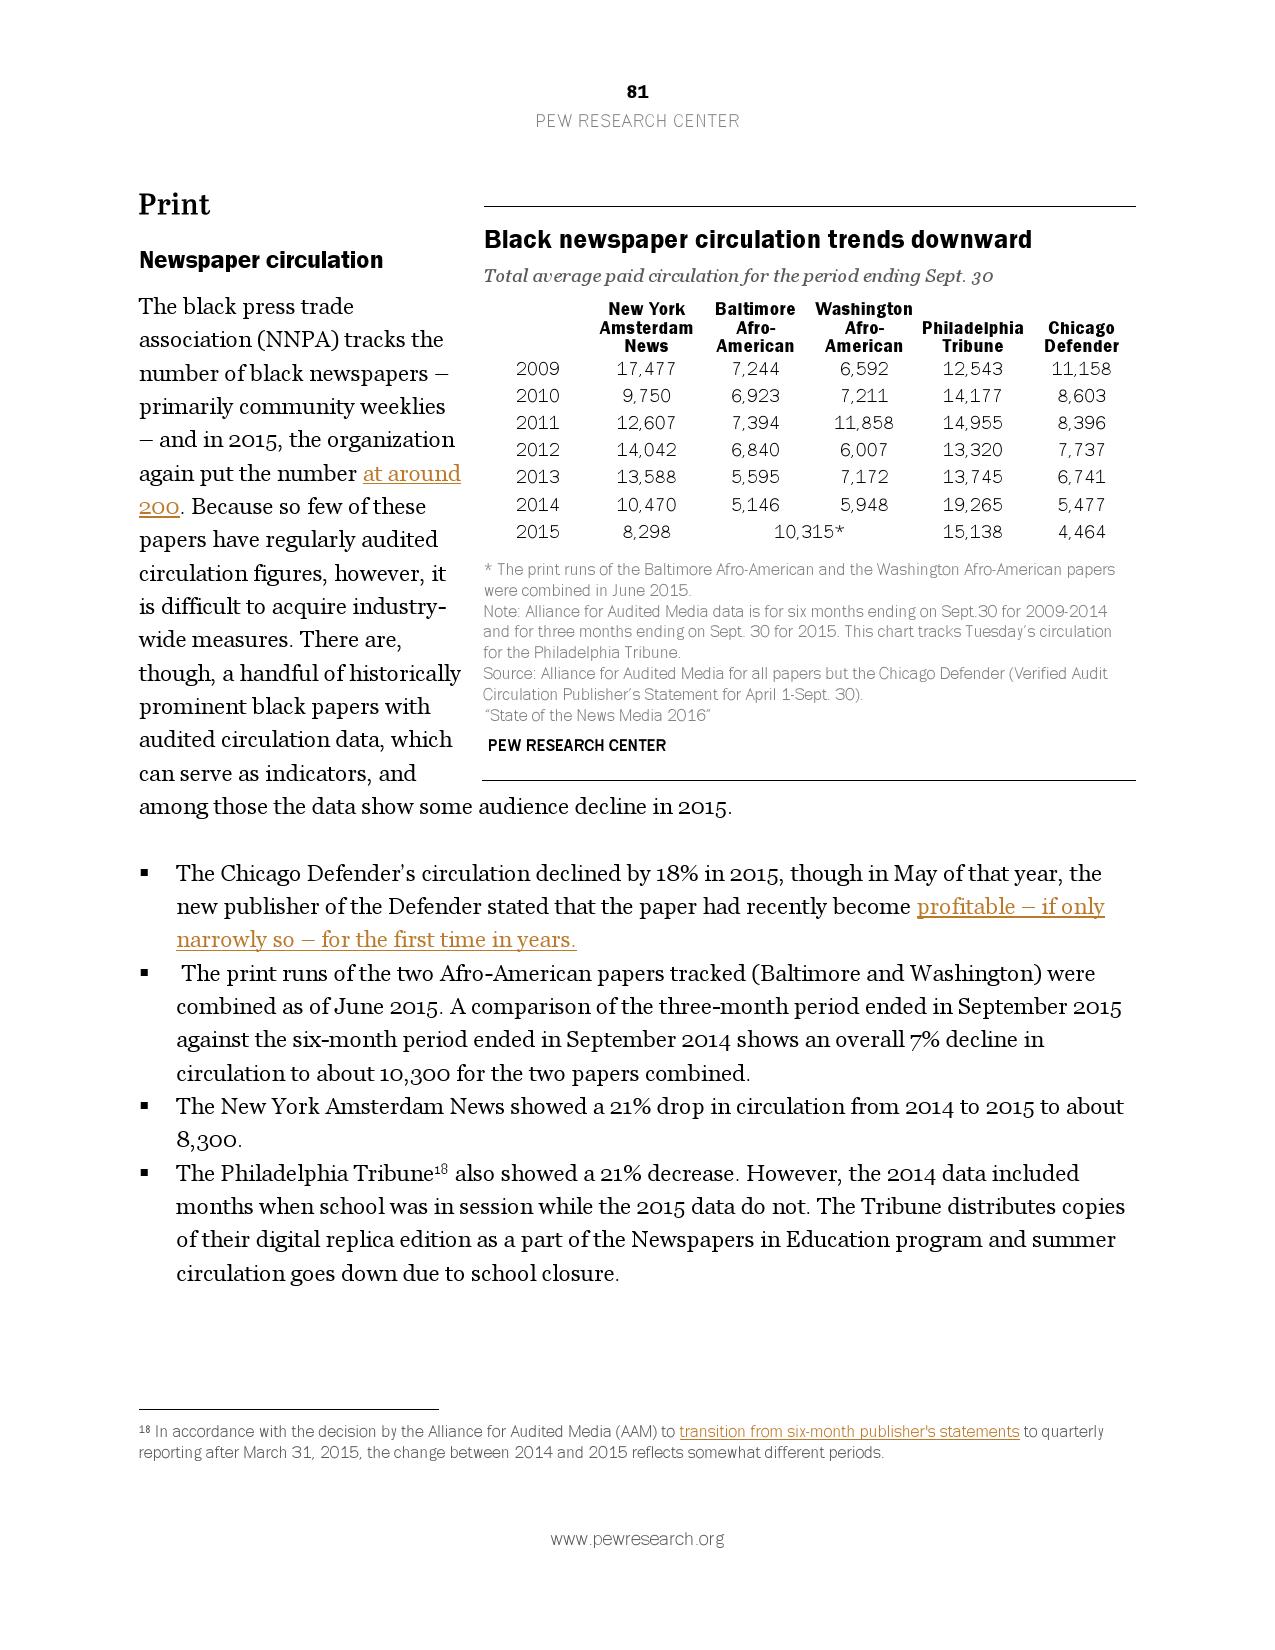 2016美国新媒体研究报告_000081